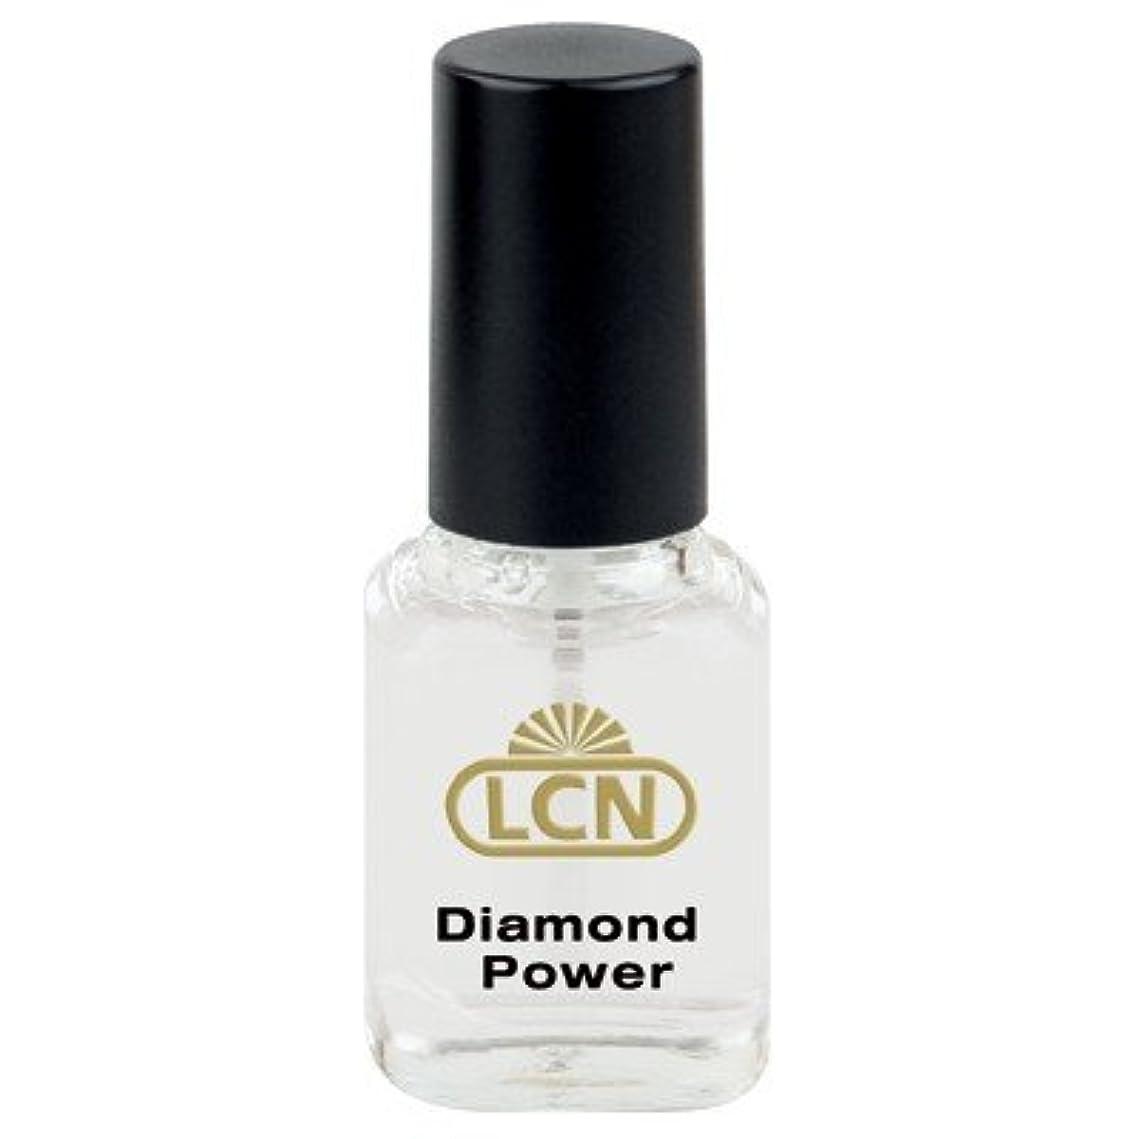 従来のいちゃつくゴールドLCN ダイヤモンドパワー 8ml